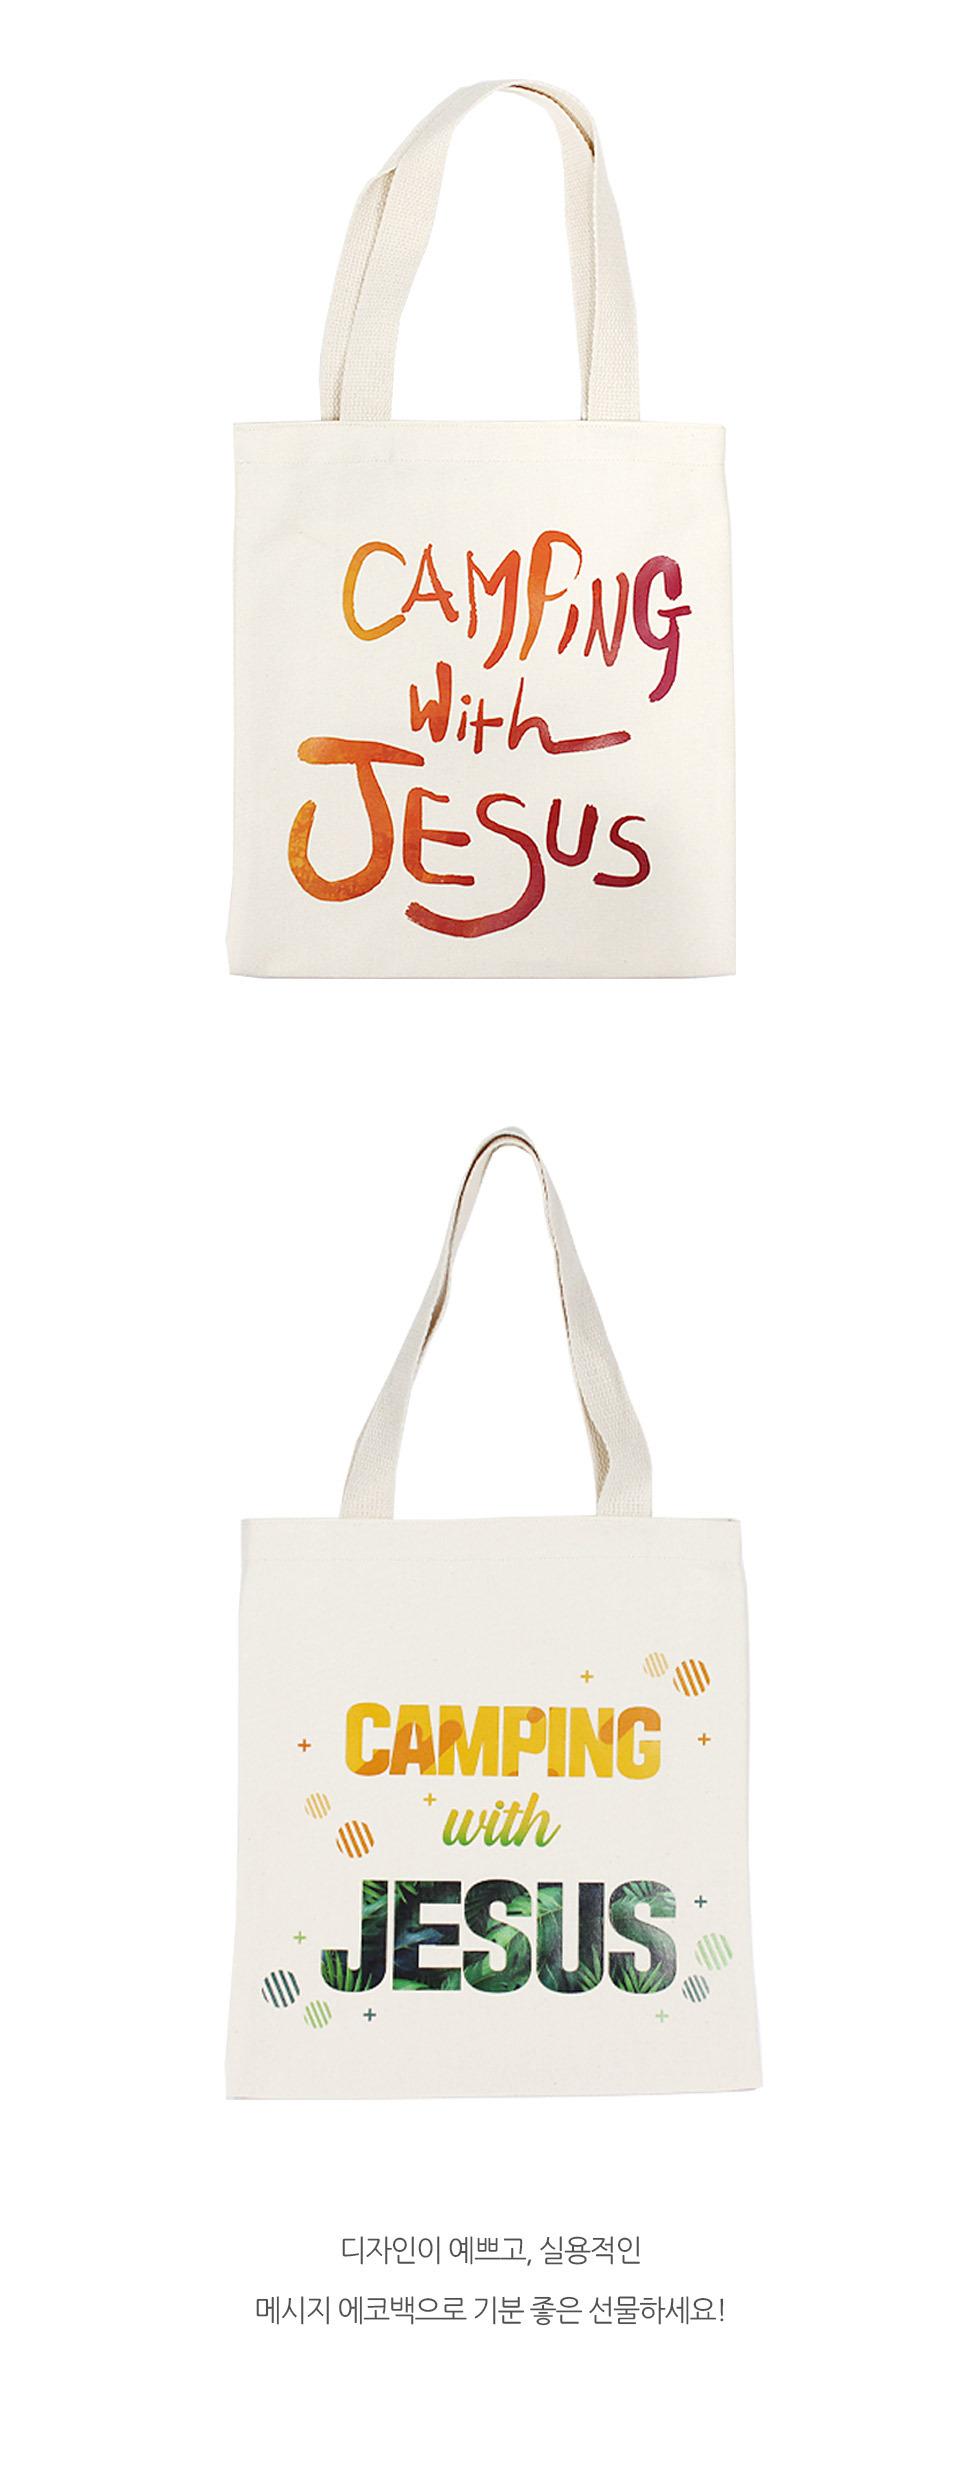 메시지 에코백 Camping with Jesus (캠핑위드지저스) 예수님과 함께 디자인이 예쁘고 실용적인 메시지에코백